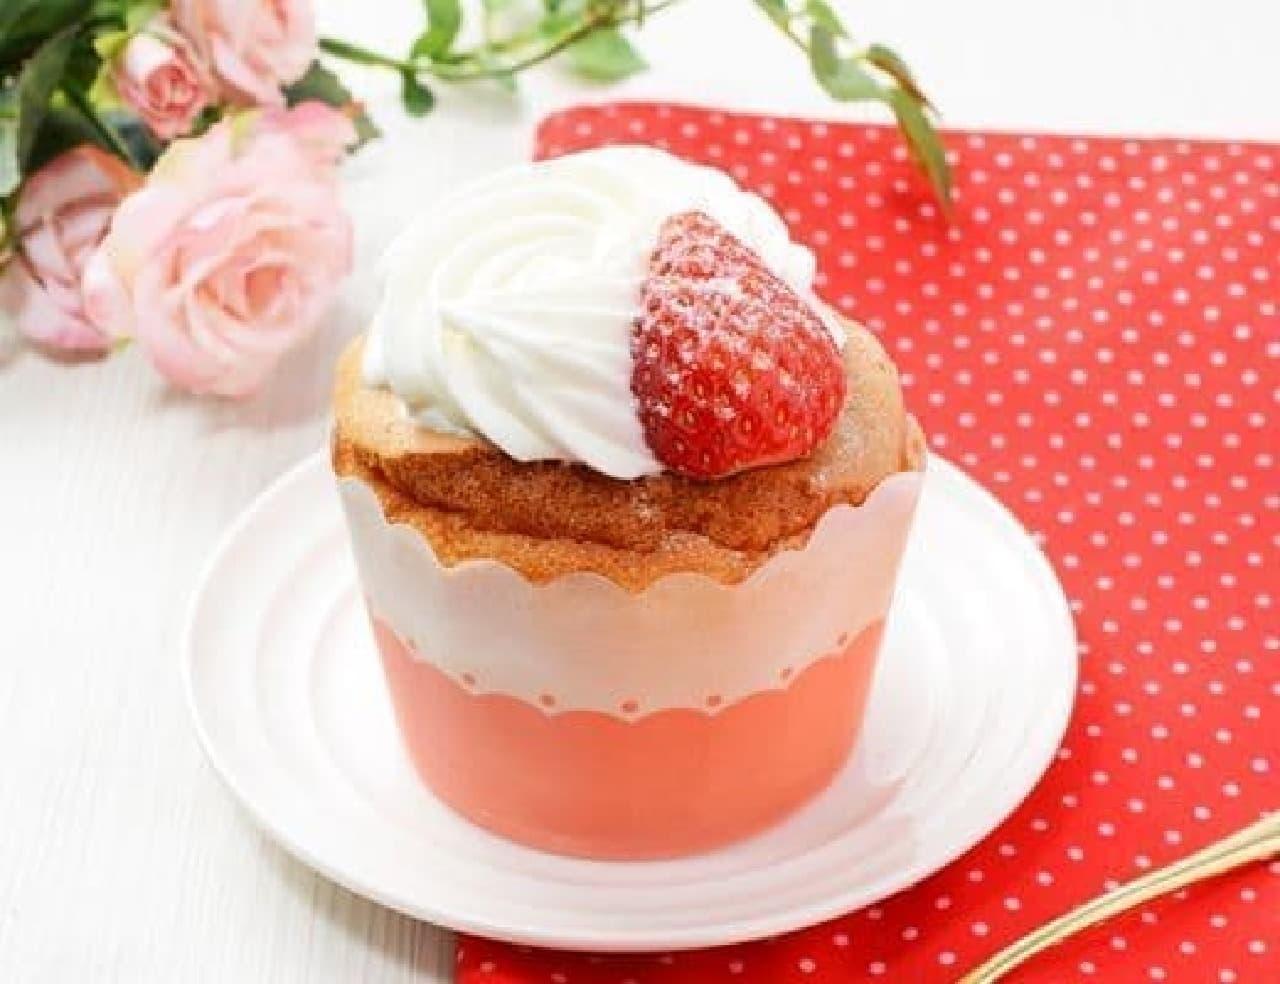 ローソン「フワフォン -ふわふわシフォンケーキ いちごのせ-」